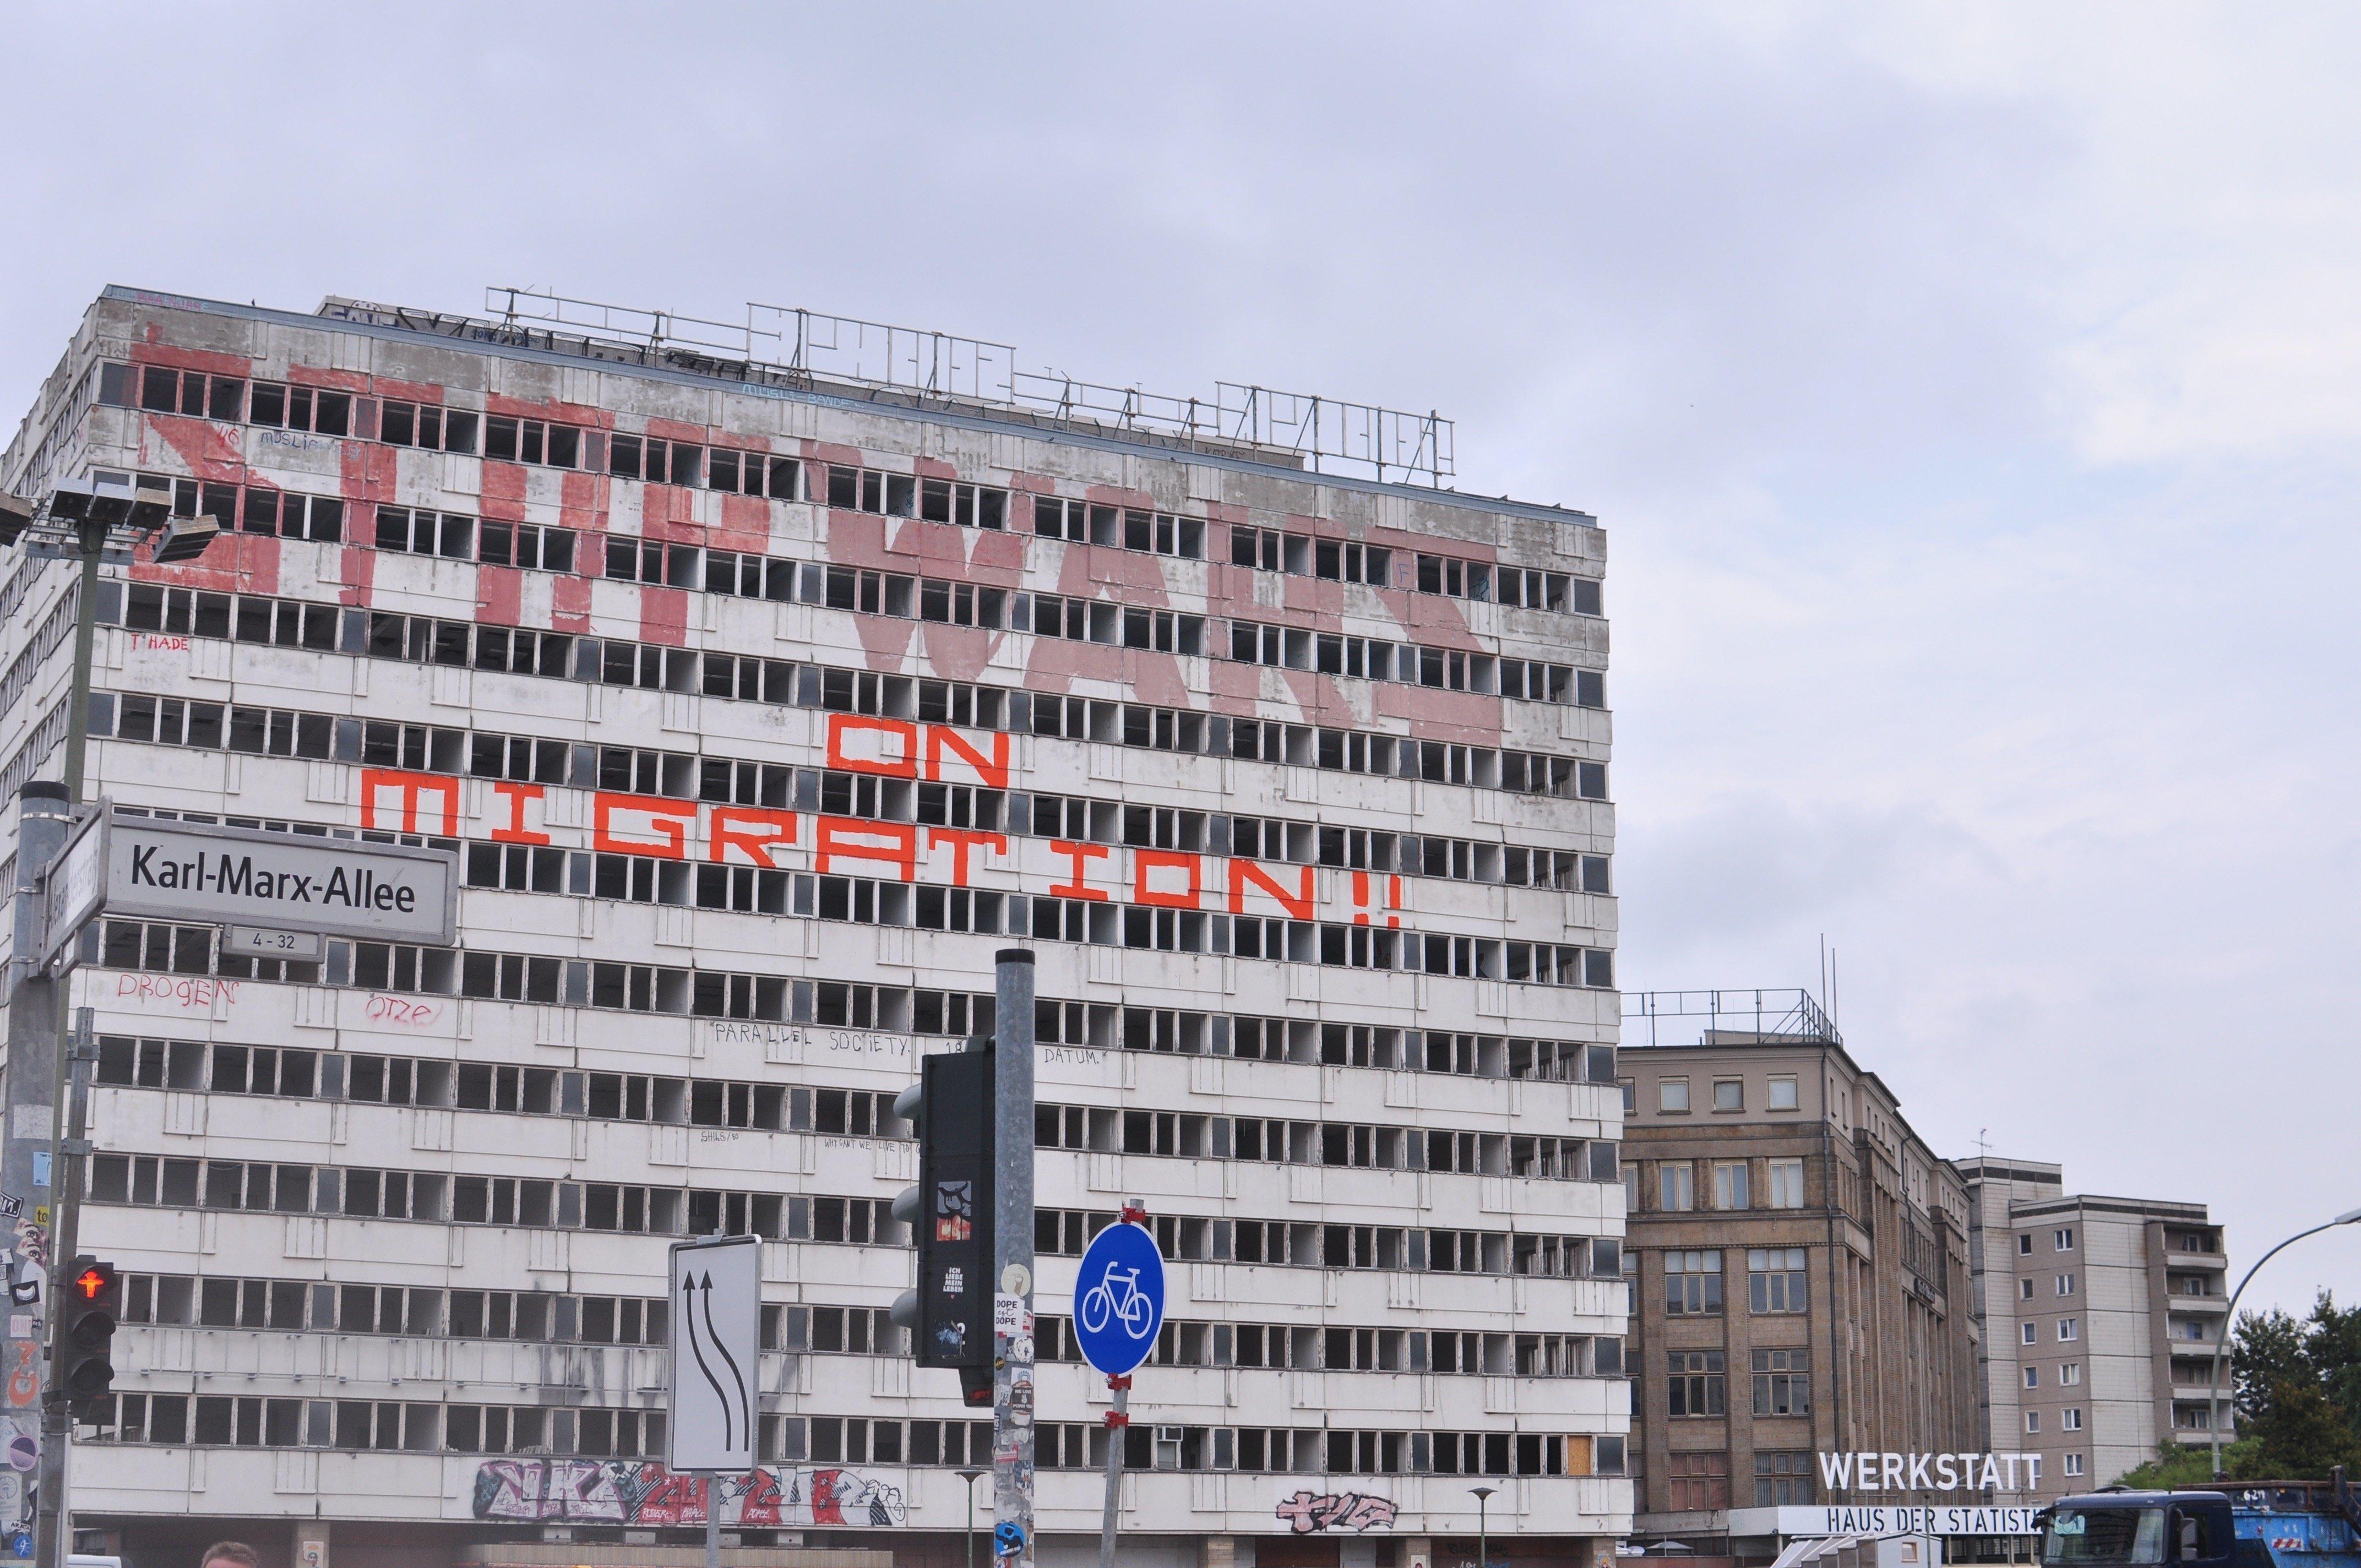 베를린의 예술가들이 젠트리피케이션에 맞서는